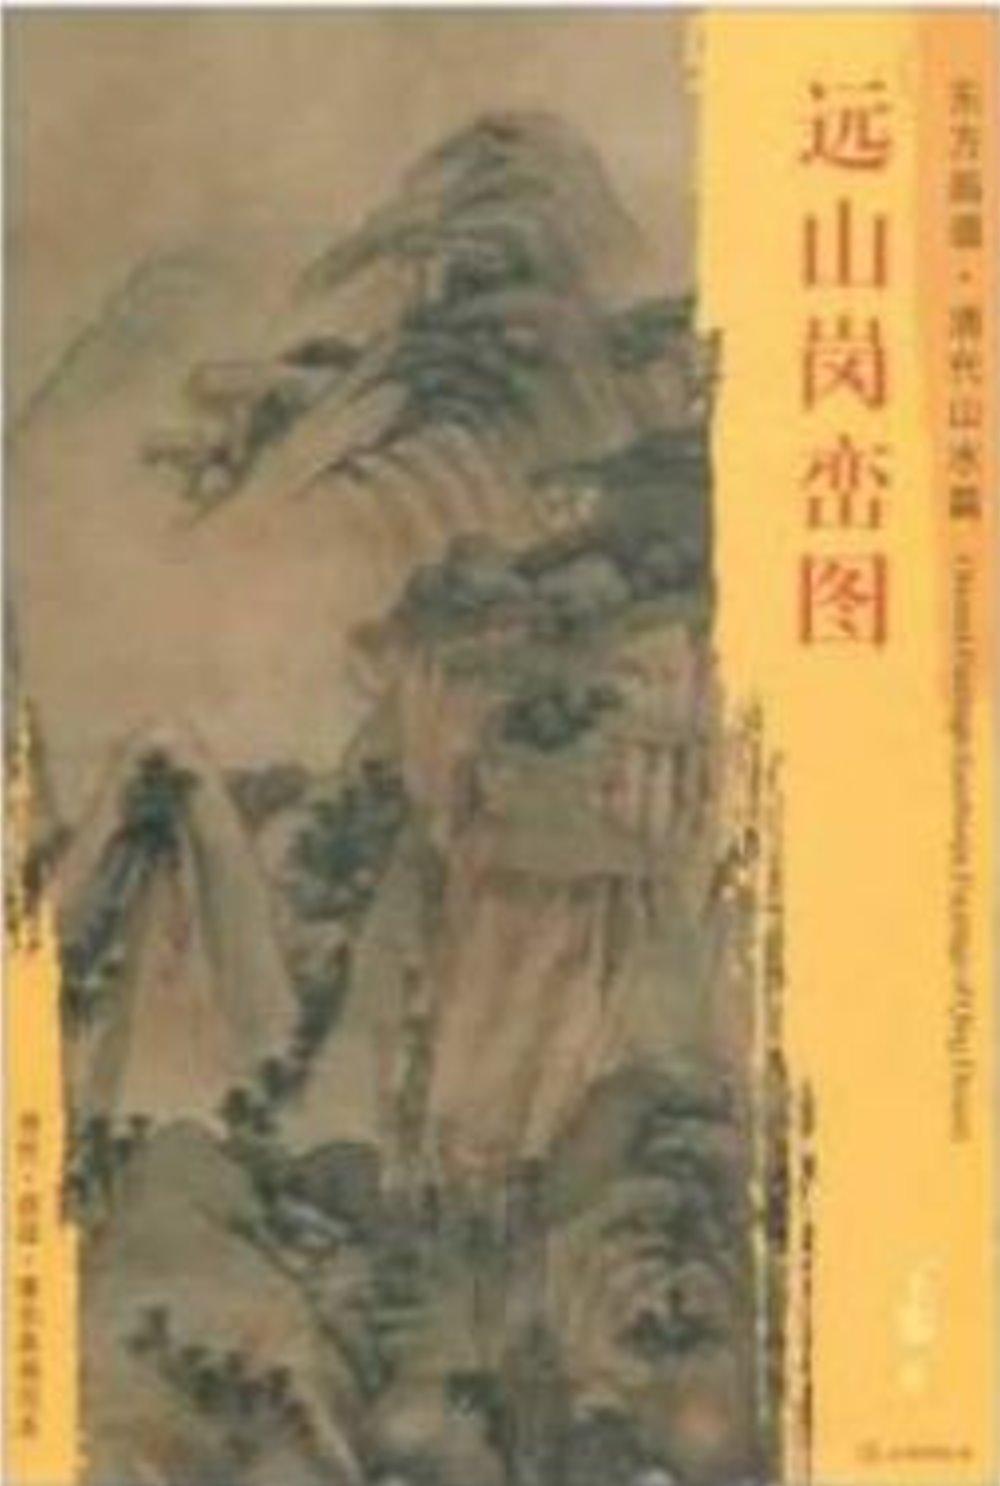 東方畫譜·清代山水篇·遠山崗巒圖